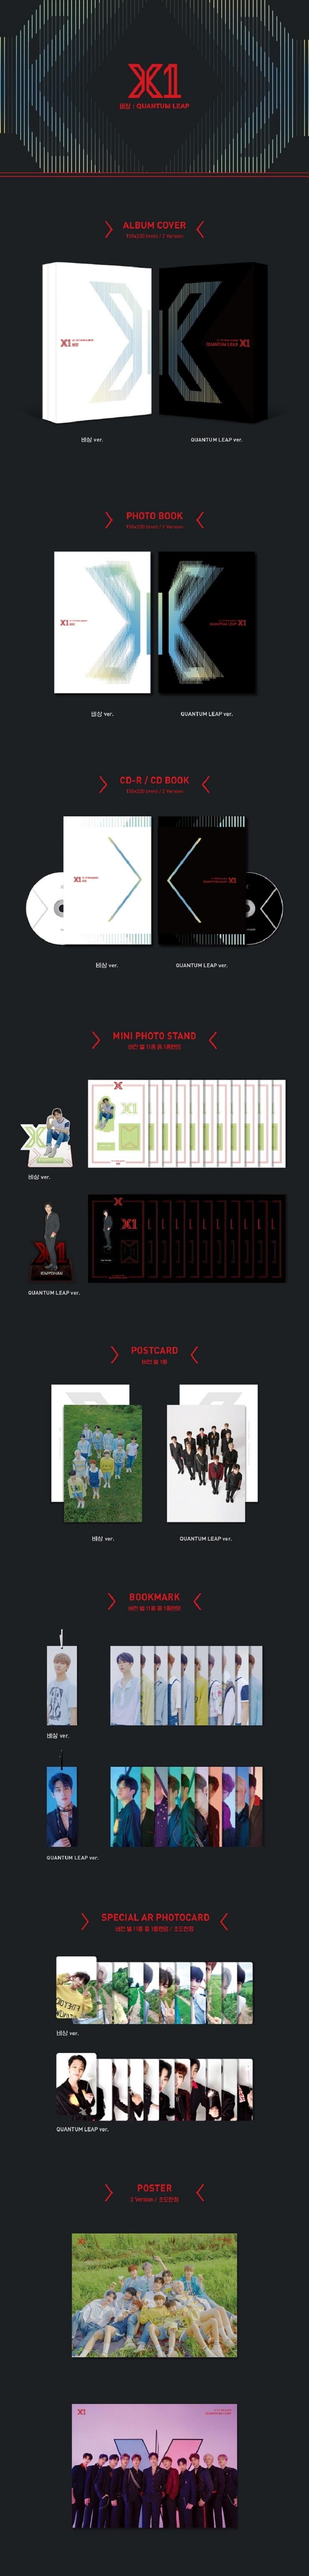 MUSIC KOREA: K-POP CDs Online Shop